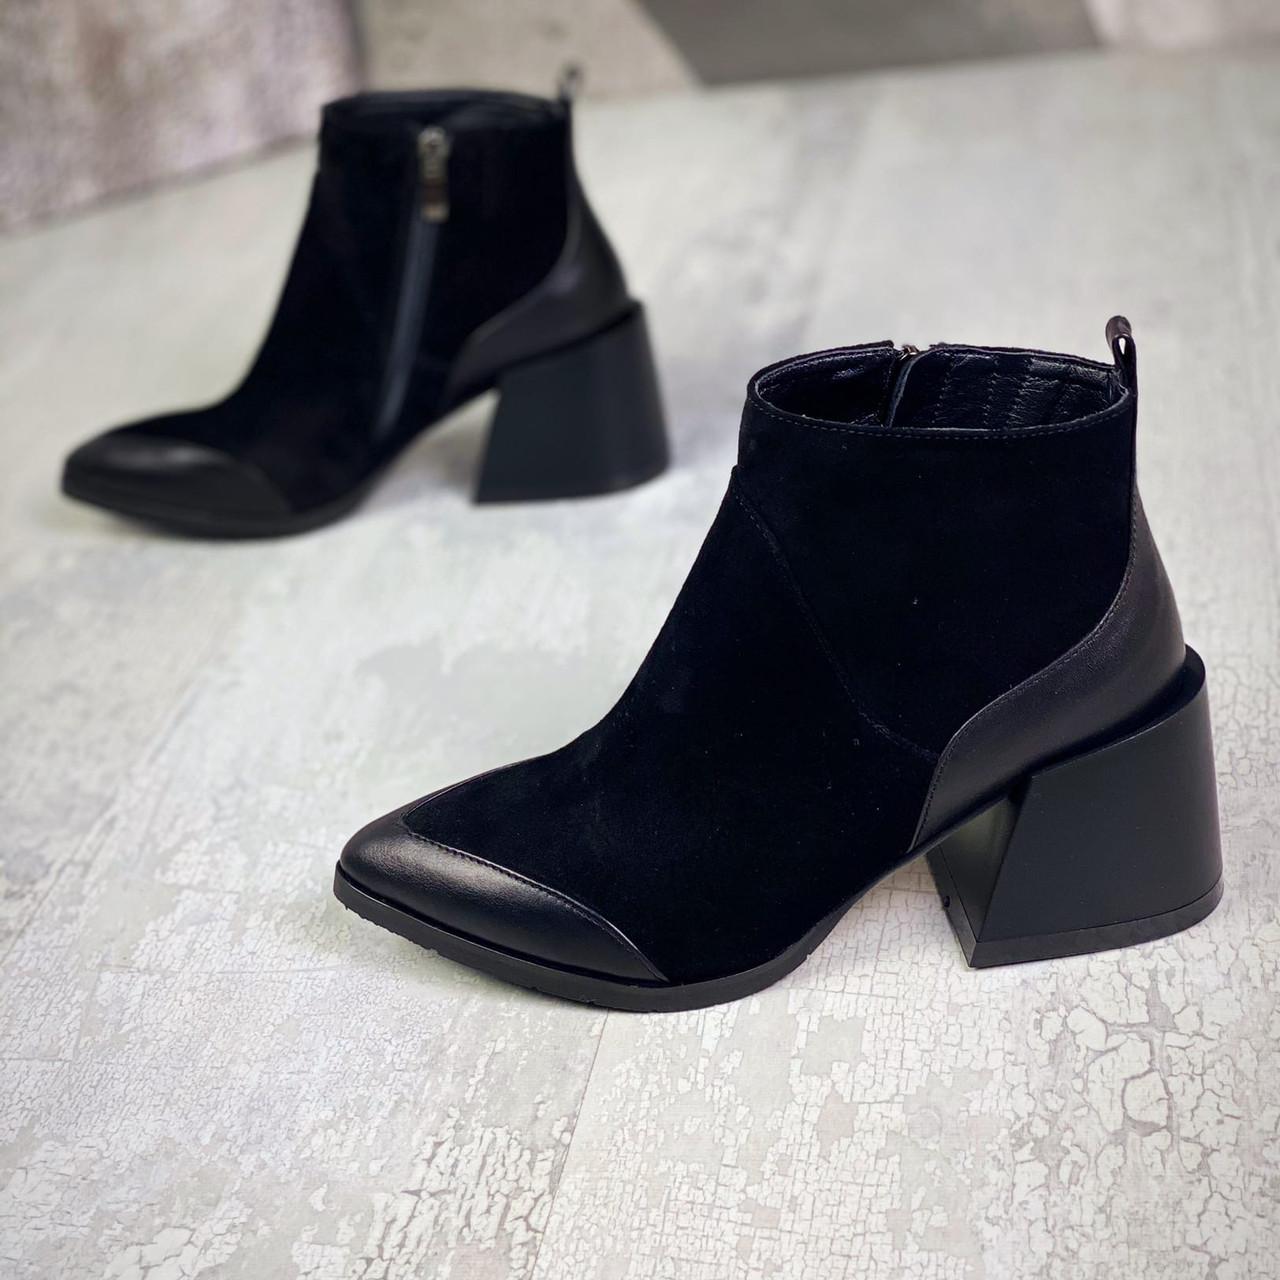 Женские замшевые ботинки на каблуке 36-40 р чёрный